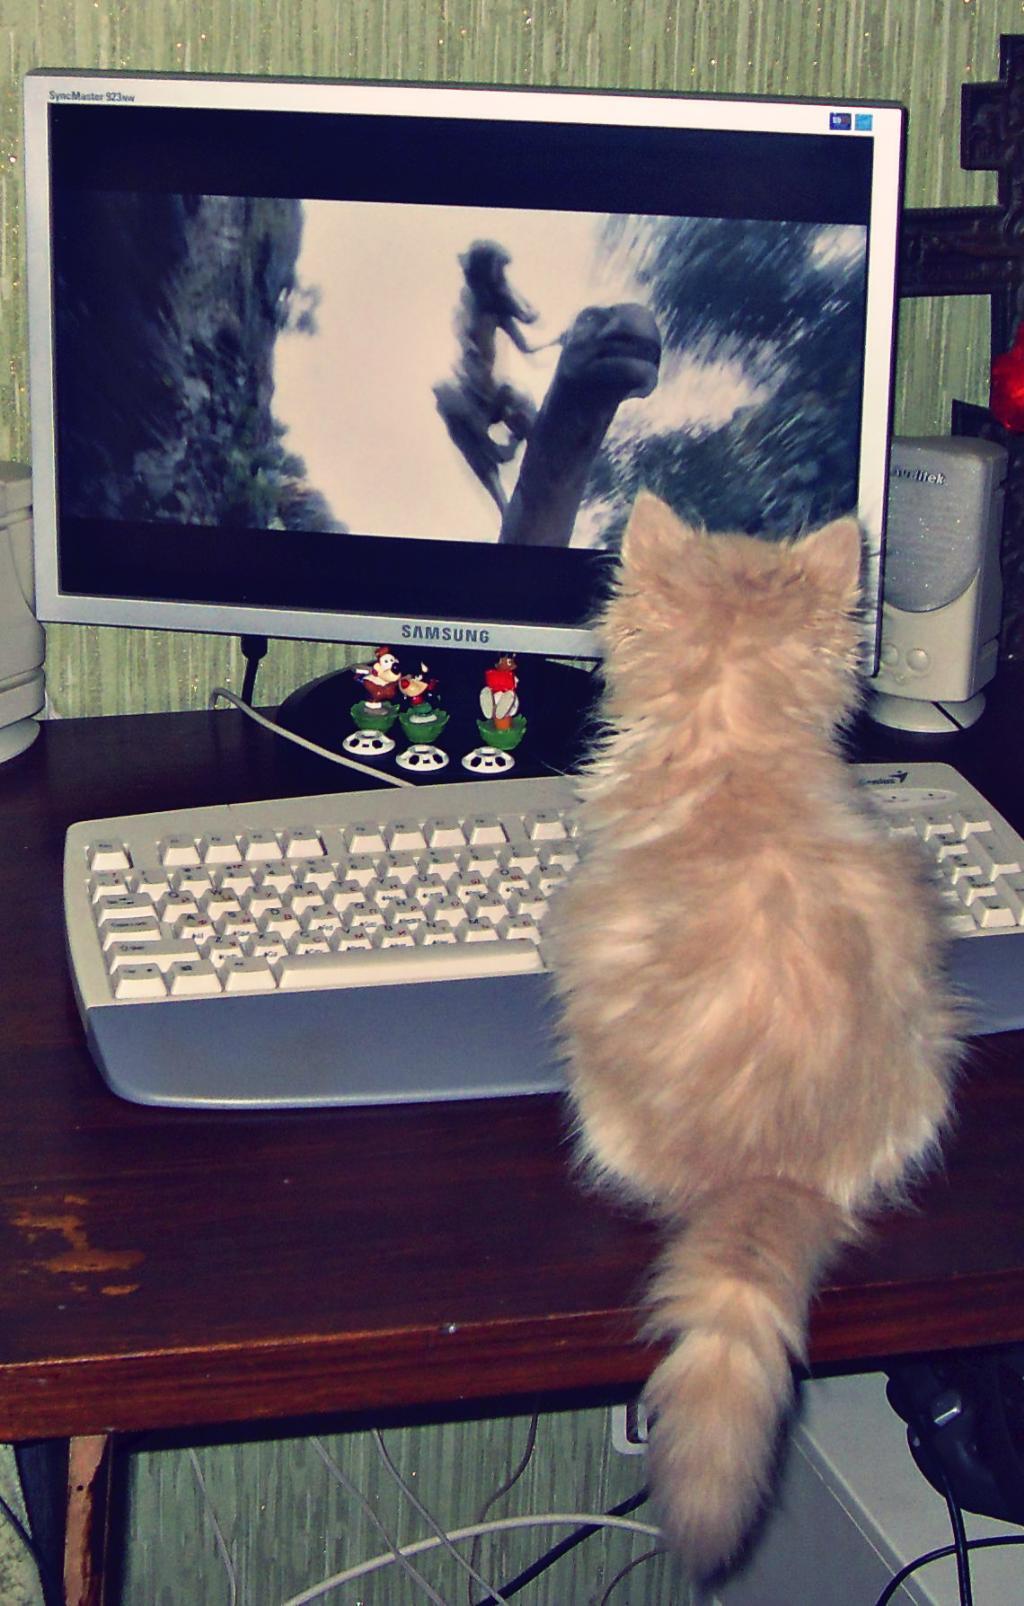 Вы не представляете как интересно. Лучше кошки зверя нет!